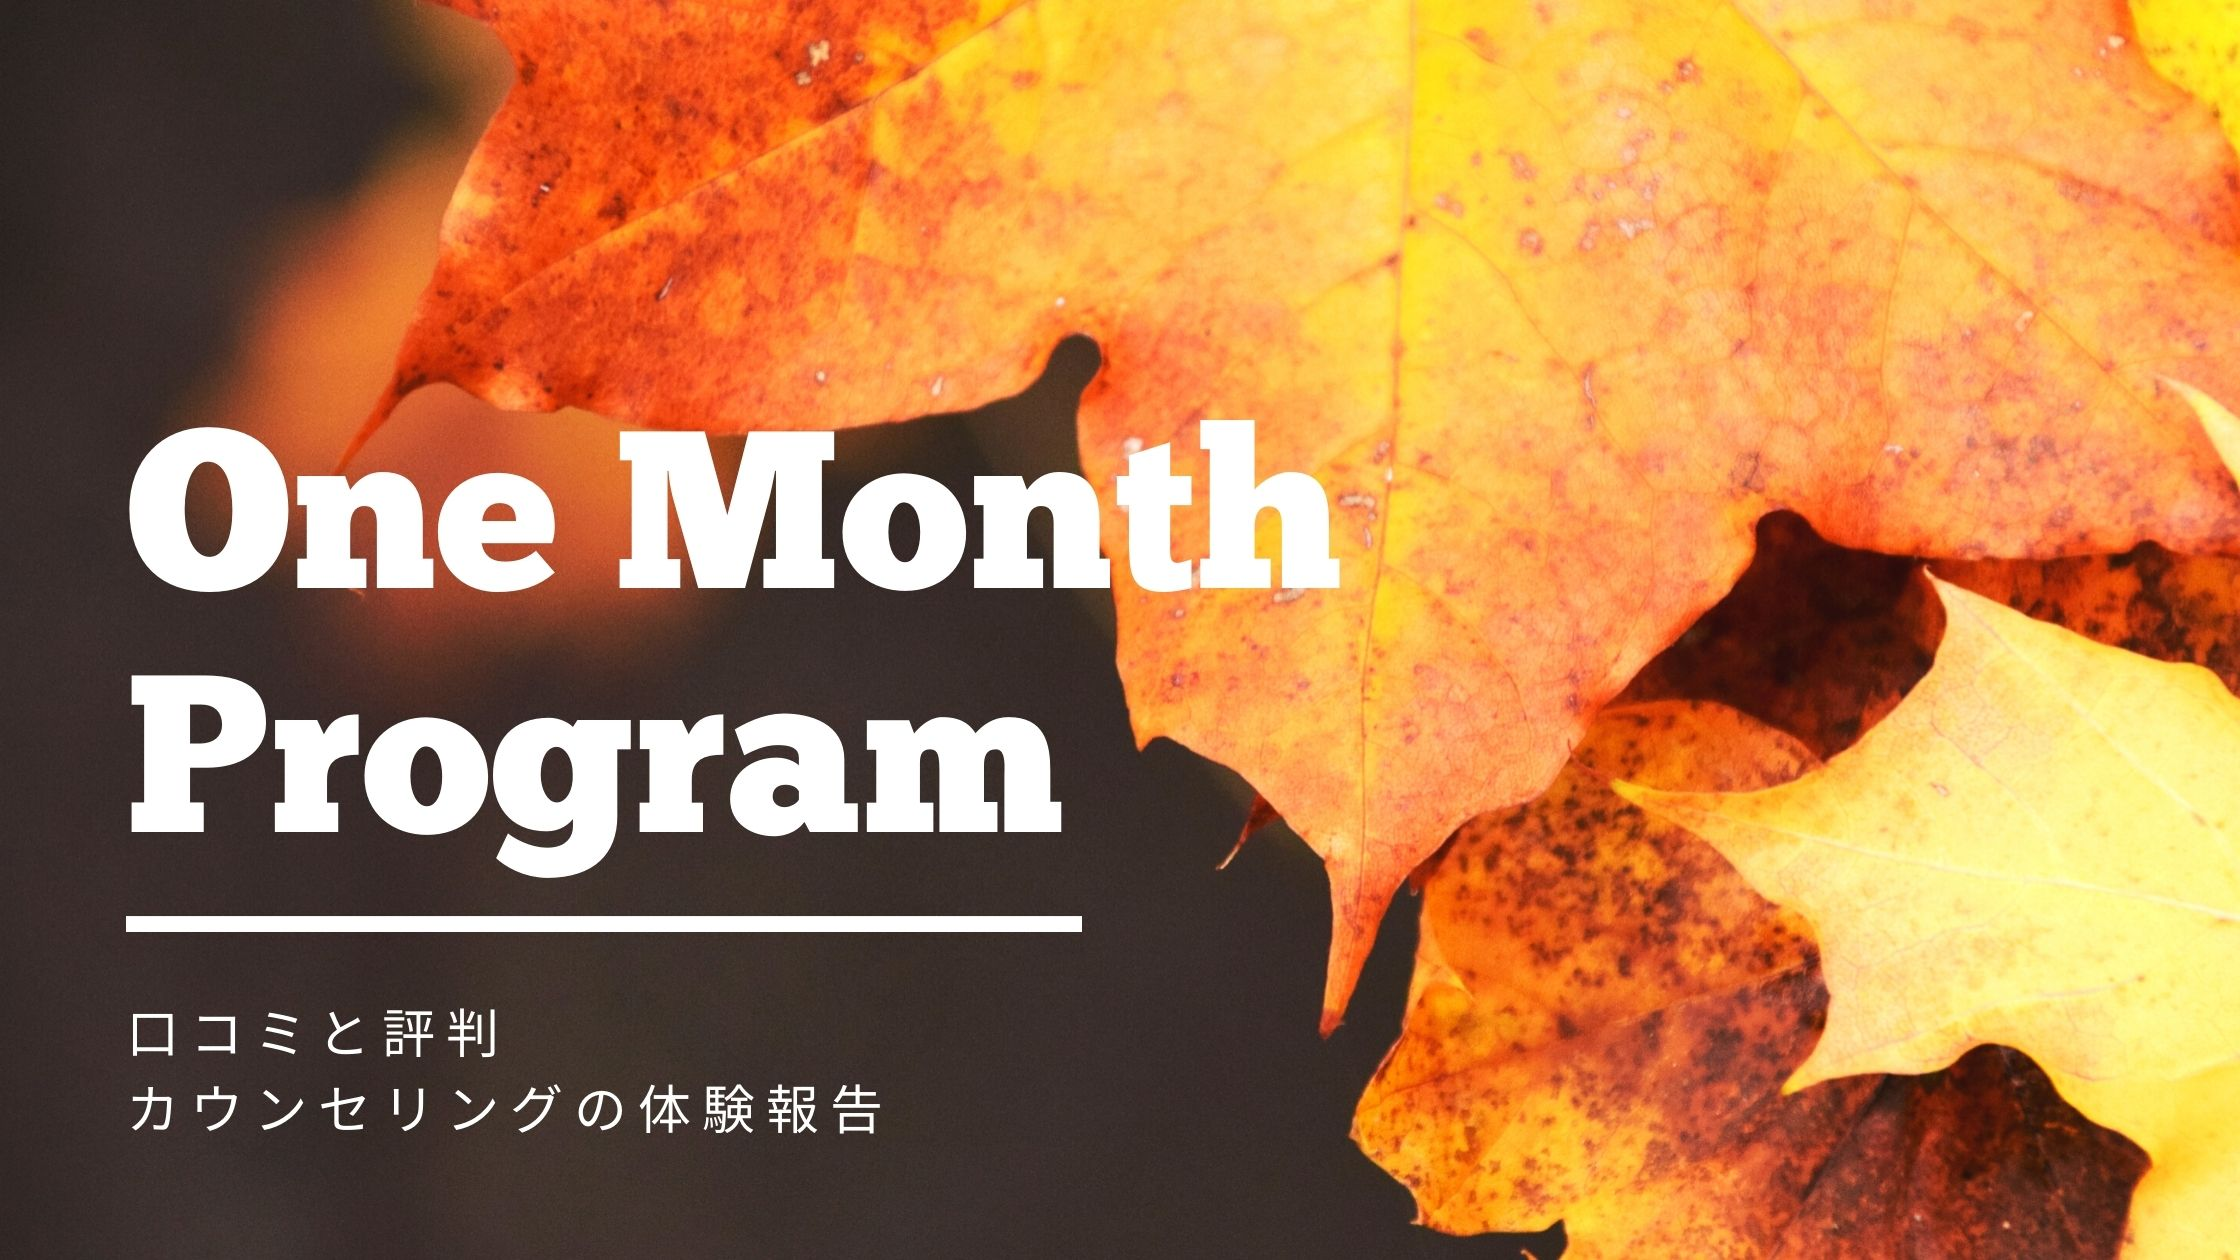 【辛口】One Month Programの口コミと評判 カウンセリングを体験!